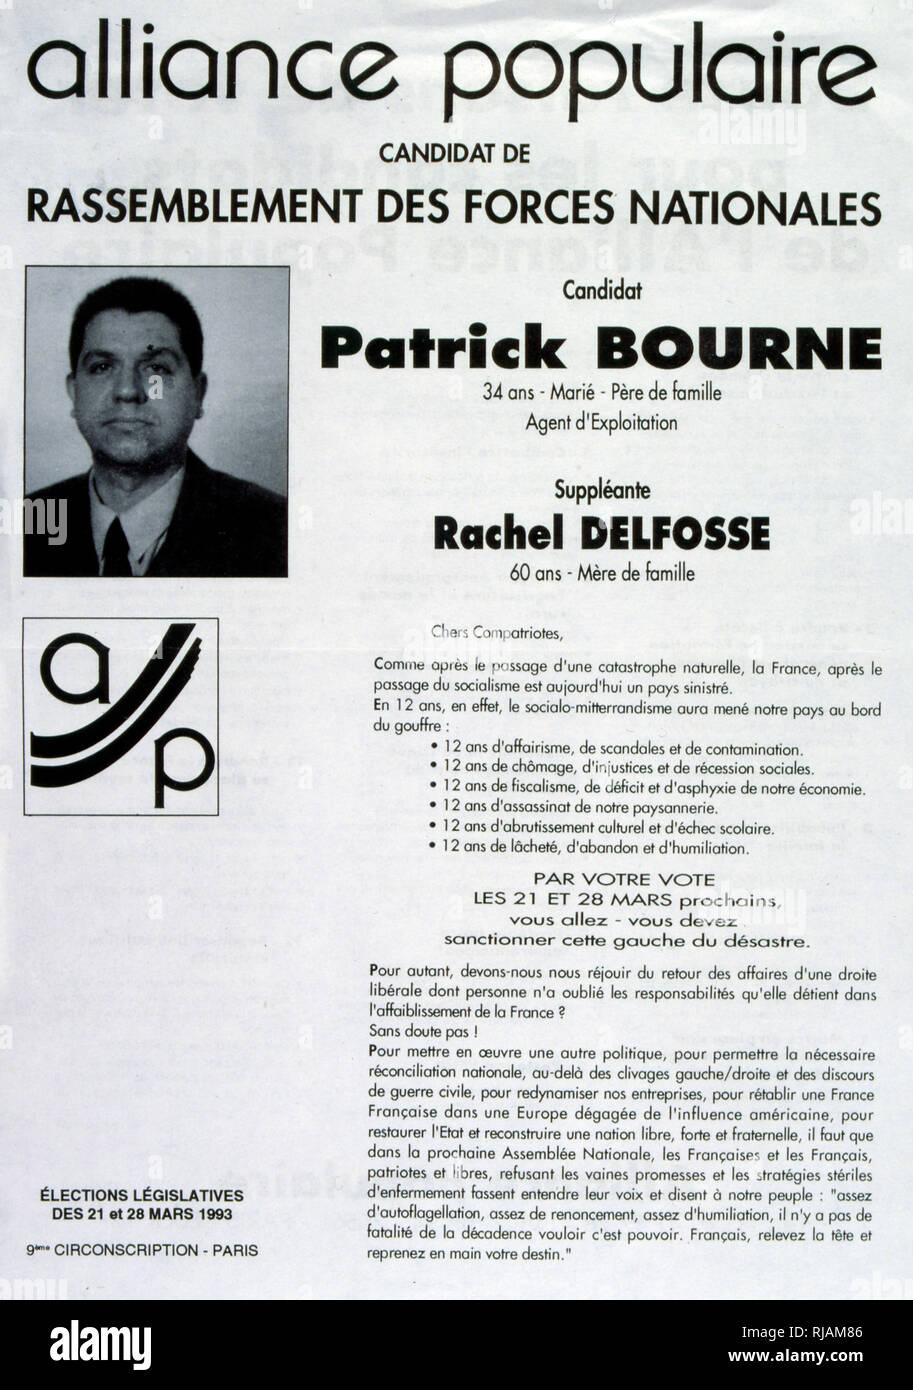 Cartellone elettorale per Patrick Bourne dell'Alleanza Popolare partito, Francia 1993 Immagini Stock